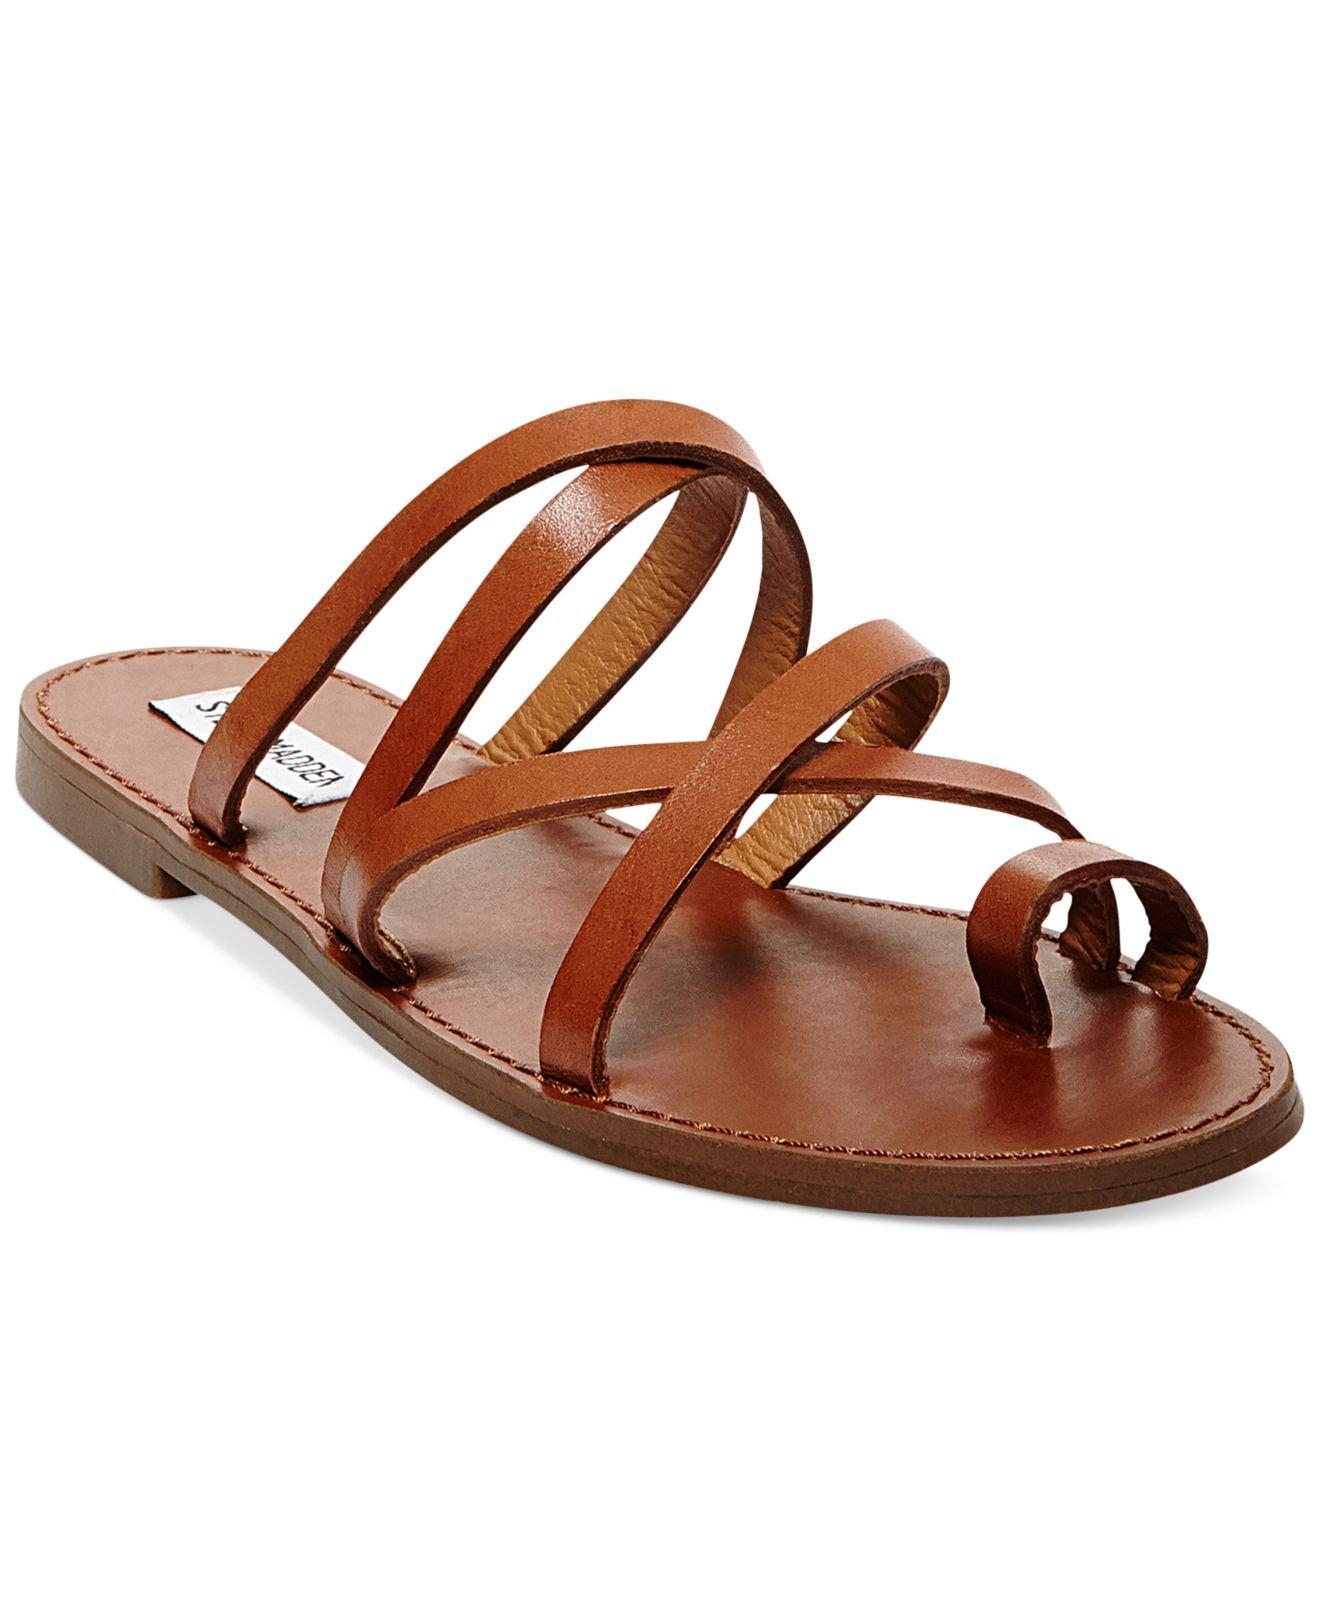 75093e990 Lyst - Steve Madden Antler Flat Toe Ring Slide Sandals in Brown